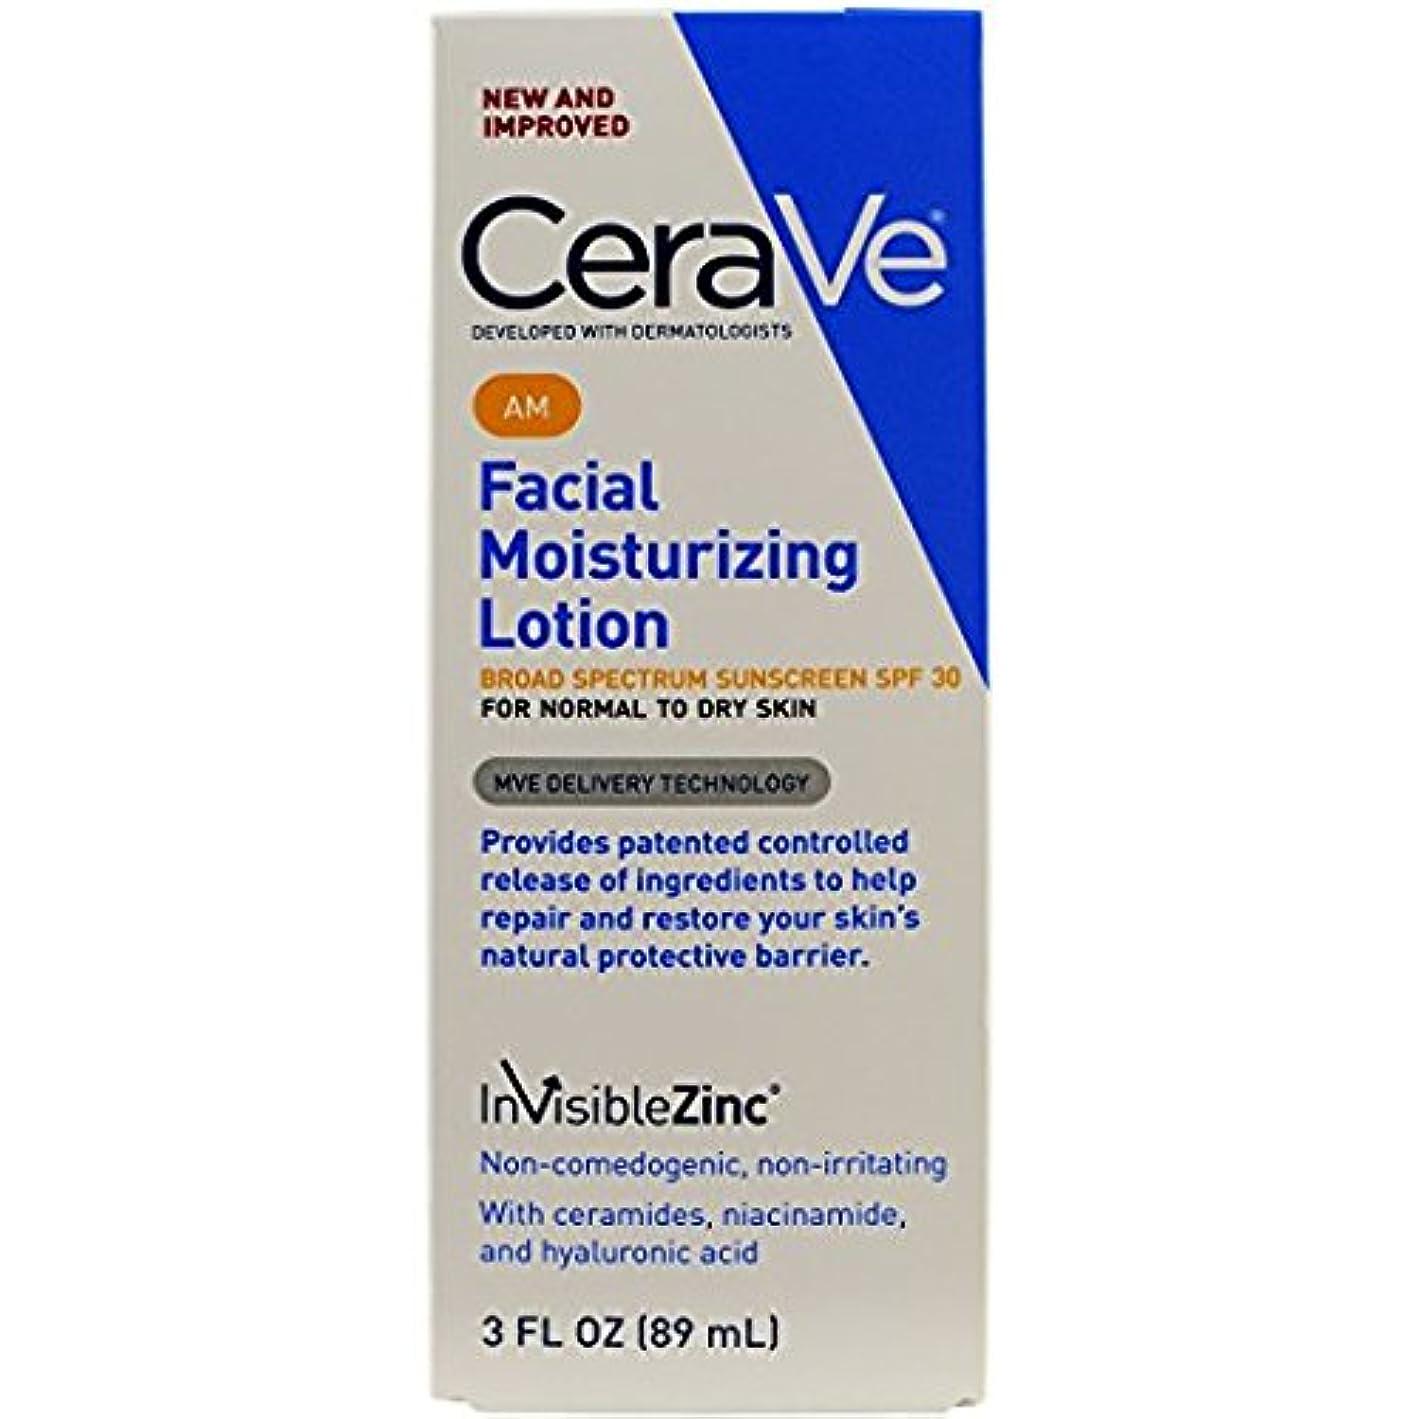 適応味方買うCeraVe モイスチャライザーAM(SPF30) - Moisturizing Facial Lotion AM, SPF 30 (89ml) (海外直送品) [並行輸入品]